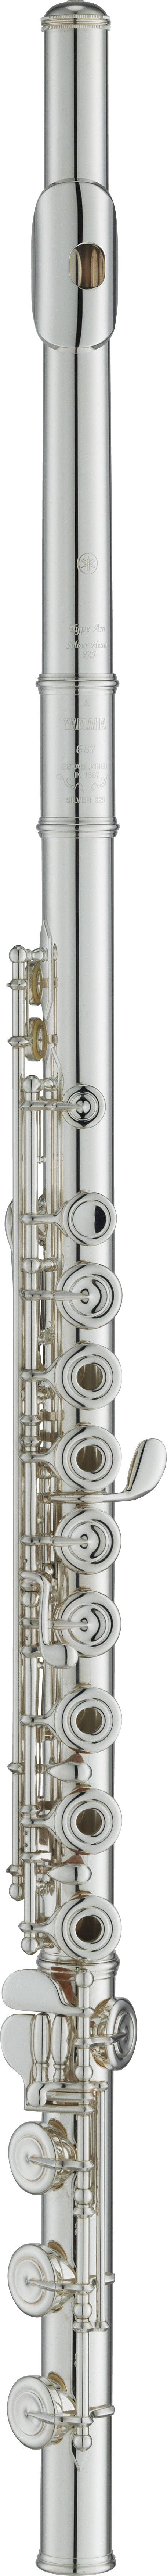 Yamaha - YFL-687-H - RBI - Holzblasinstrumente - Flöten ohne E-Mechanik | MUSIK BERTRAM Deutschland Freiburg